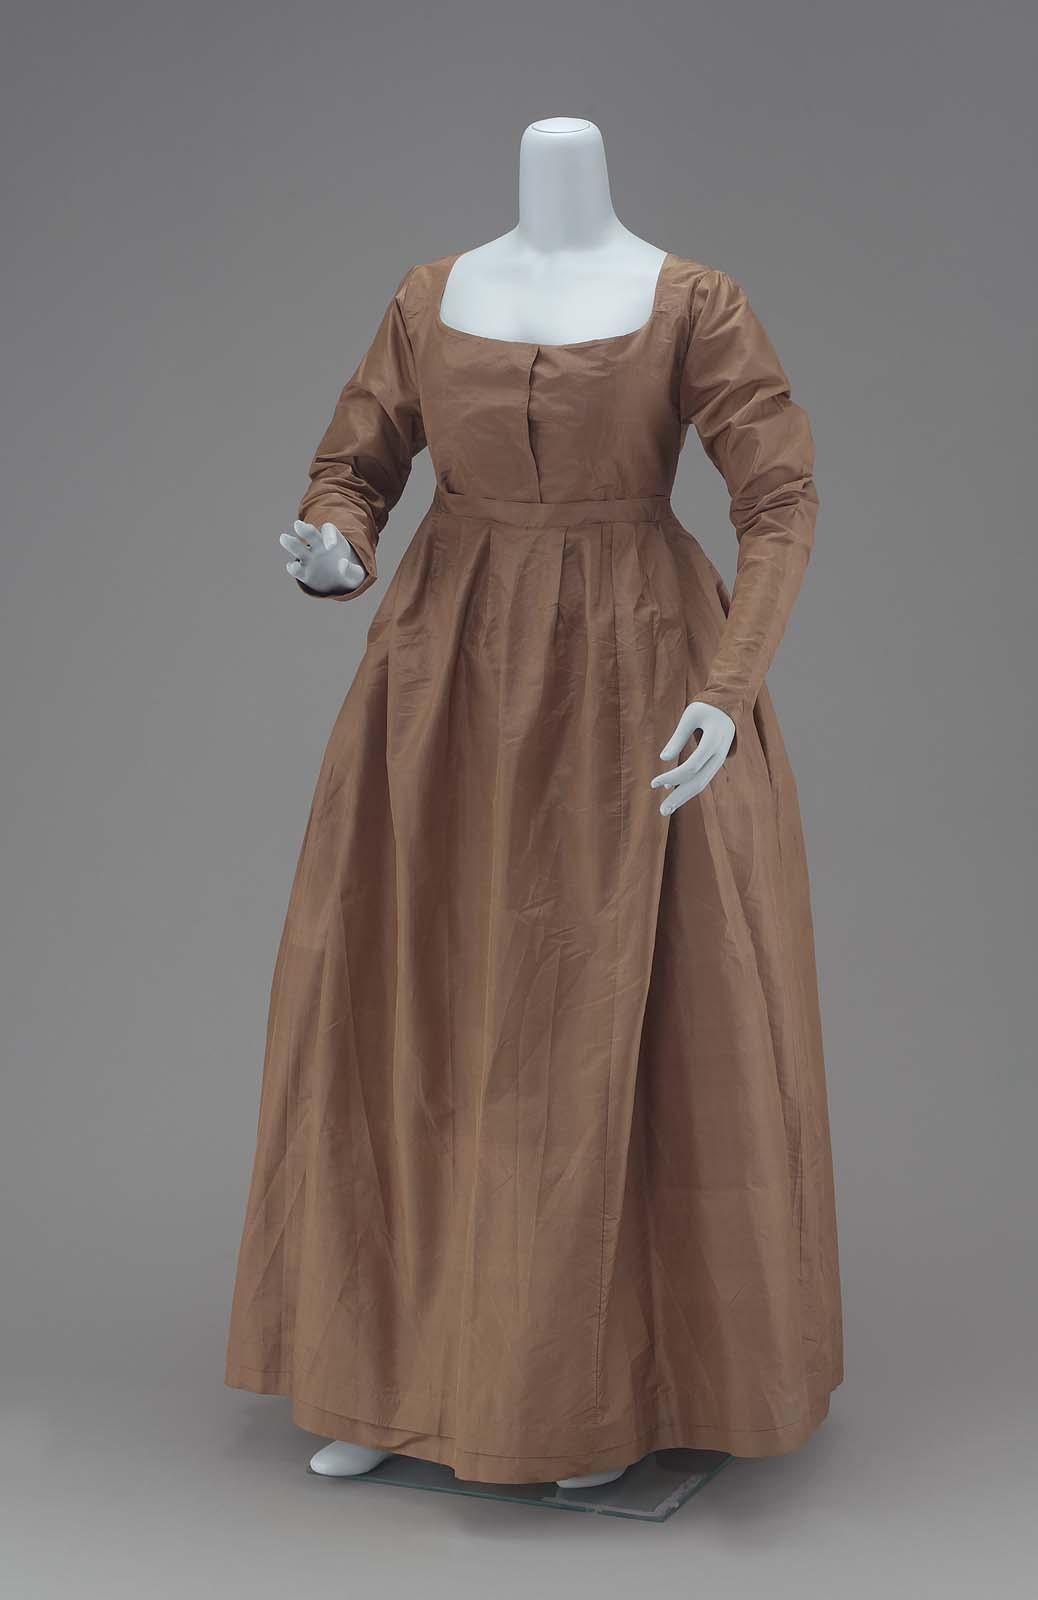 A Quaker's Dress Of Greenish-brown Taffeta